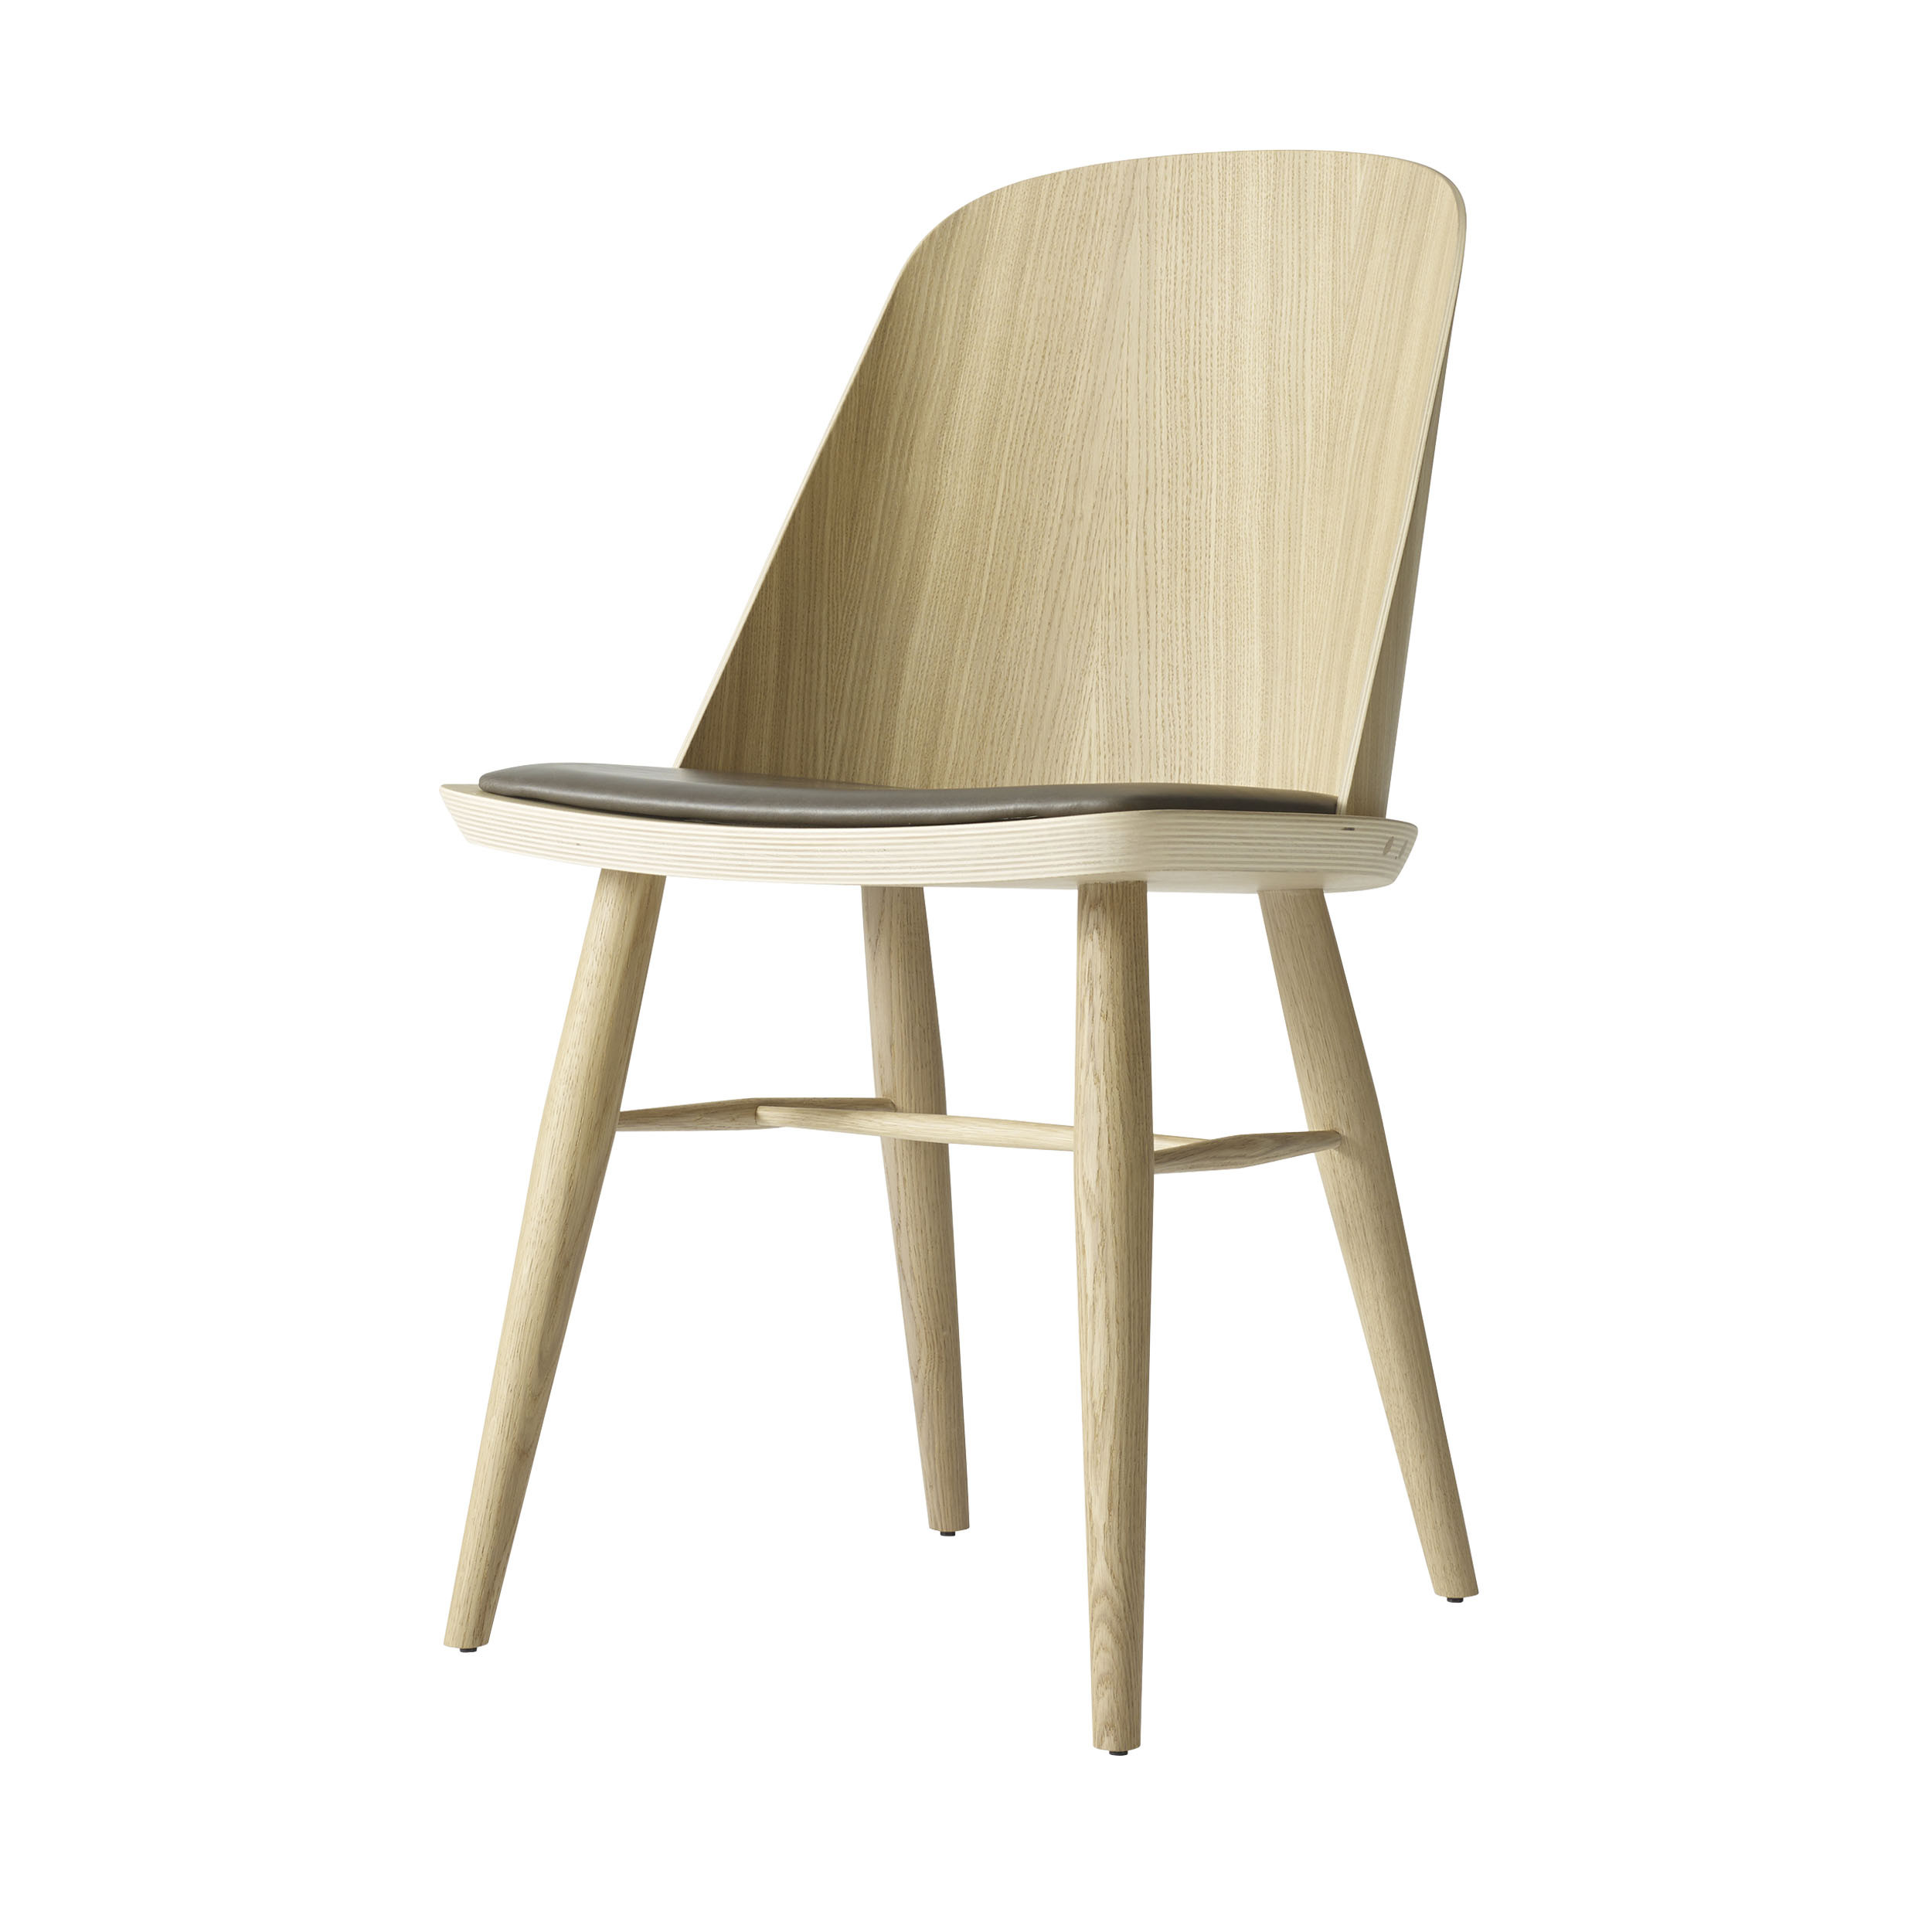 synnes eiche stuhl natur graubraun online kaufen bei woonio. Black Bedroom Furniture Sets. Home Design Ideas